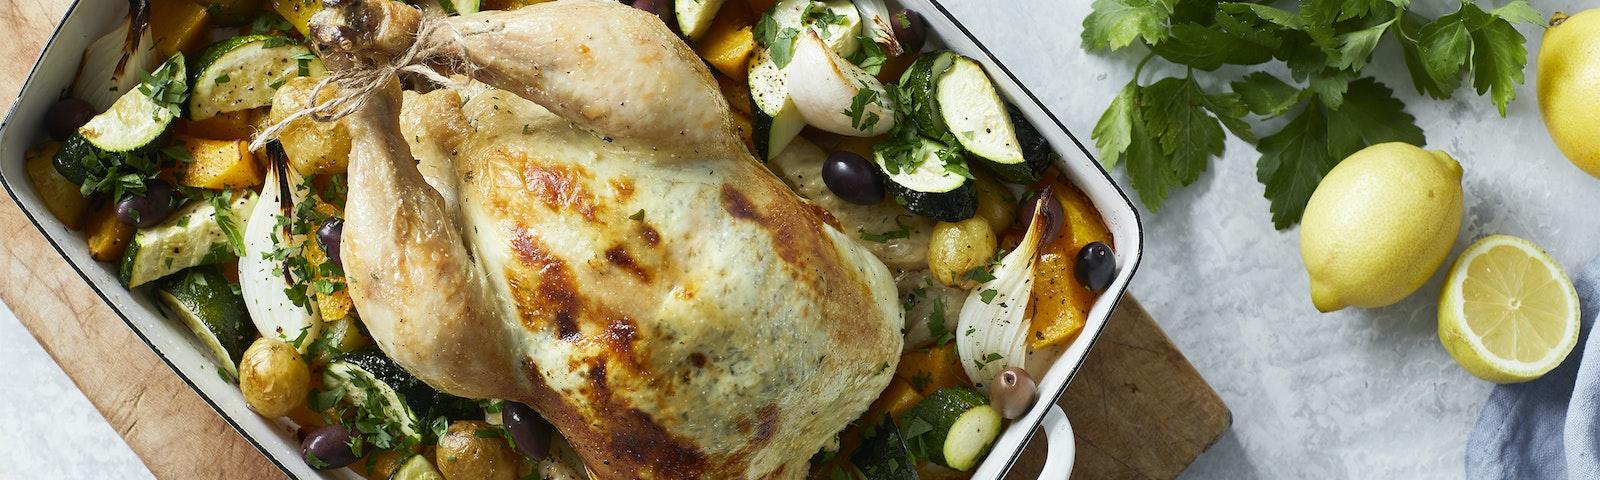 Hel kylling med flødeost, citron og persille